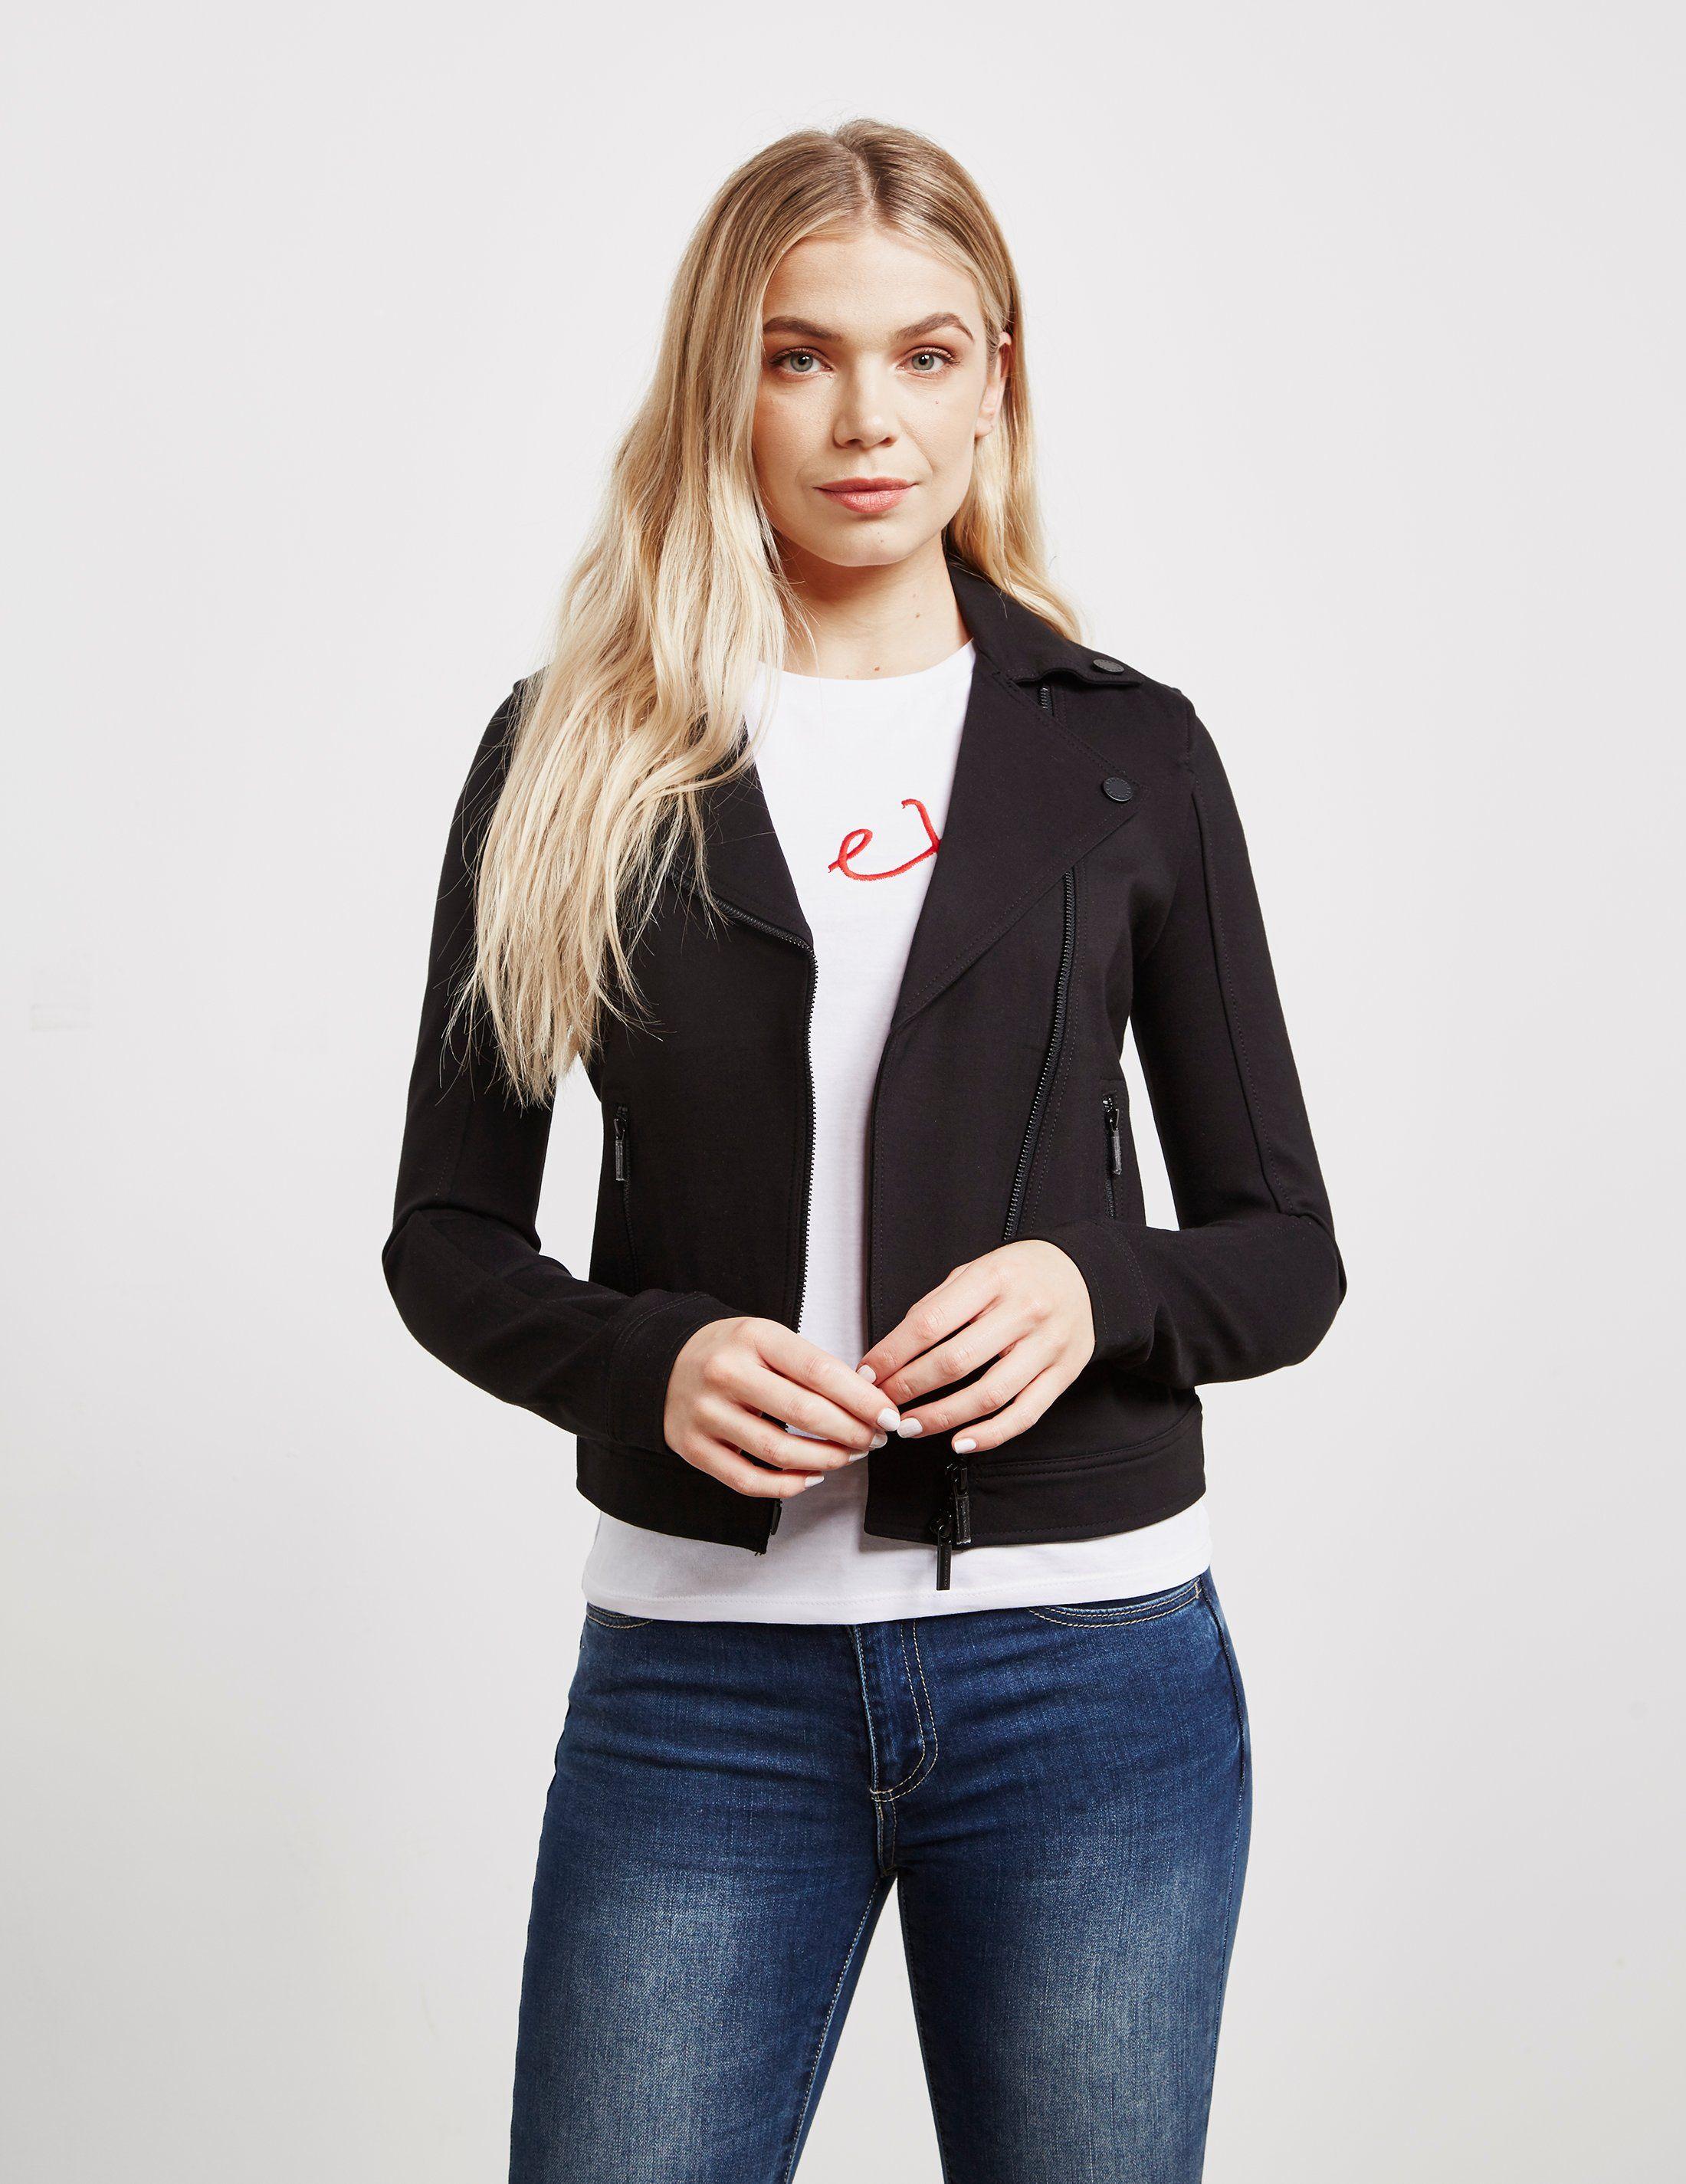 Armani Exchange Zip Jacket - Online Exclusive